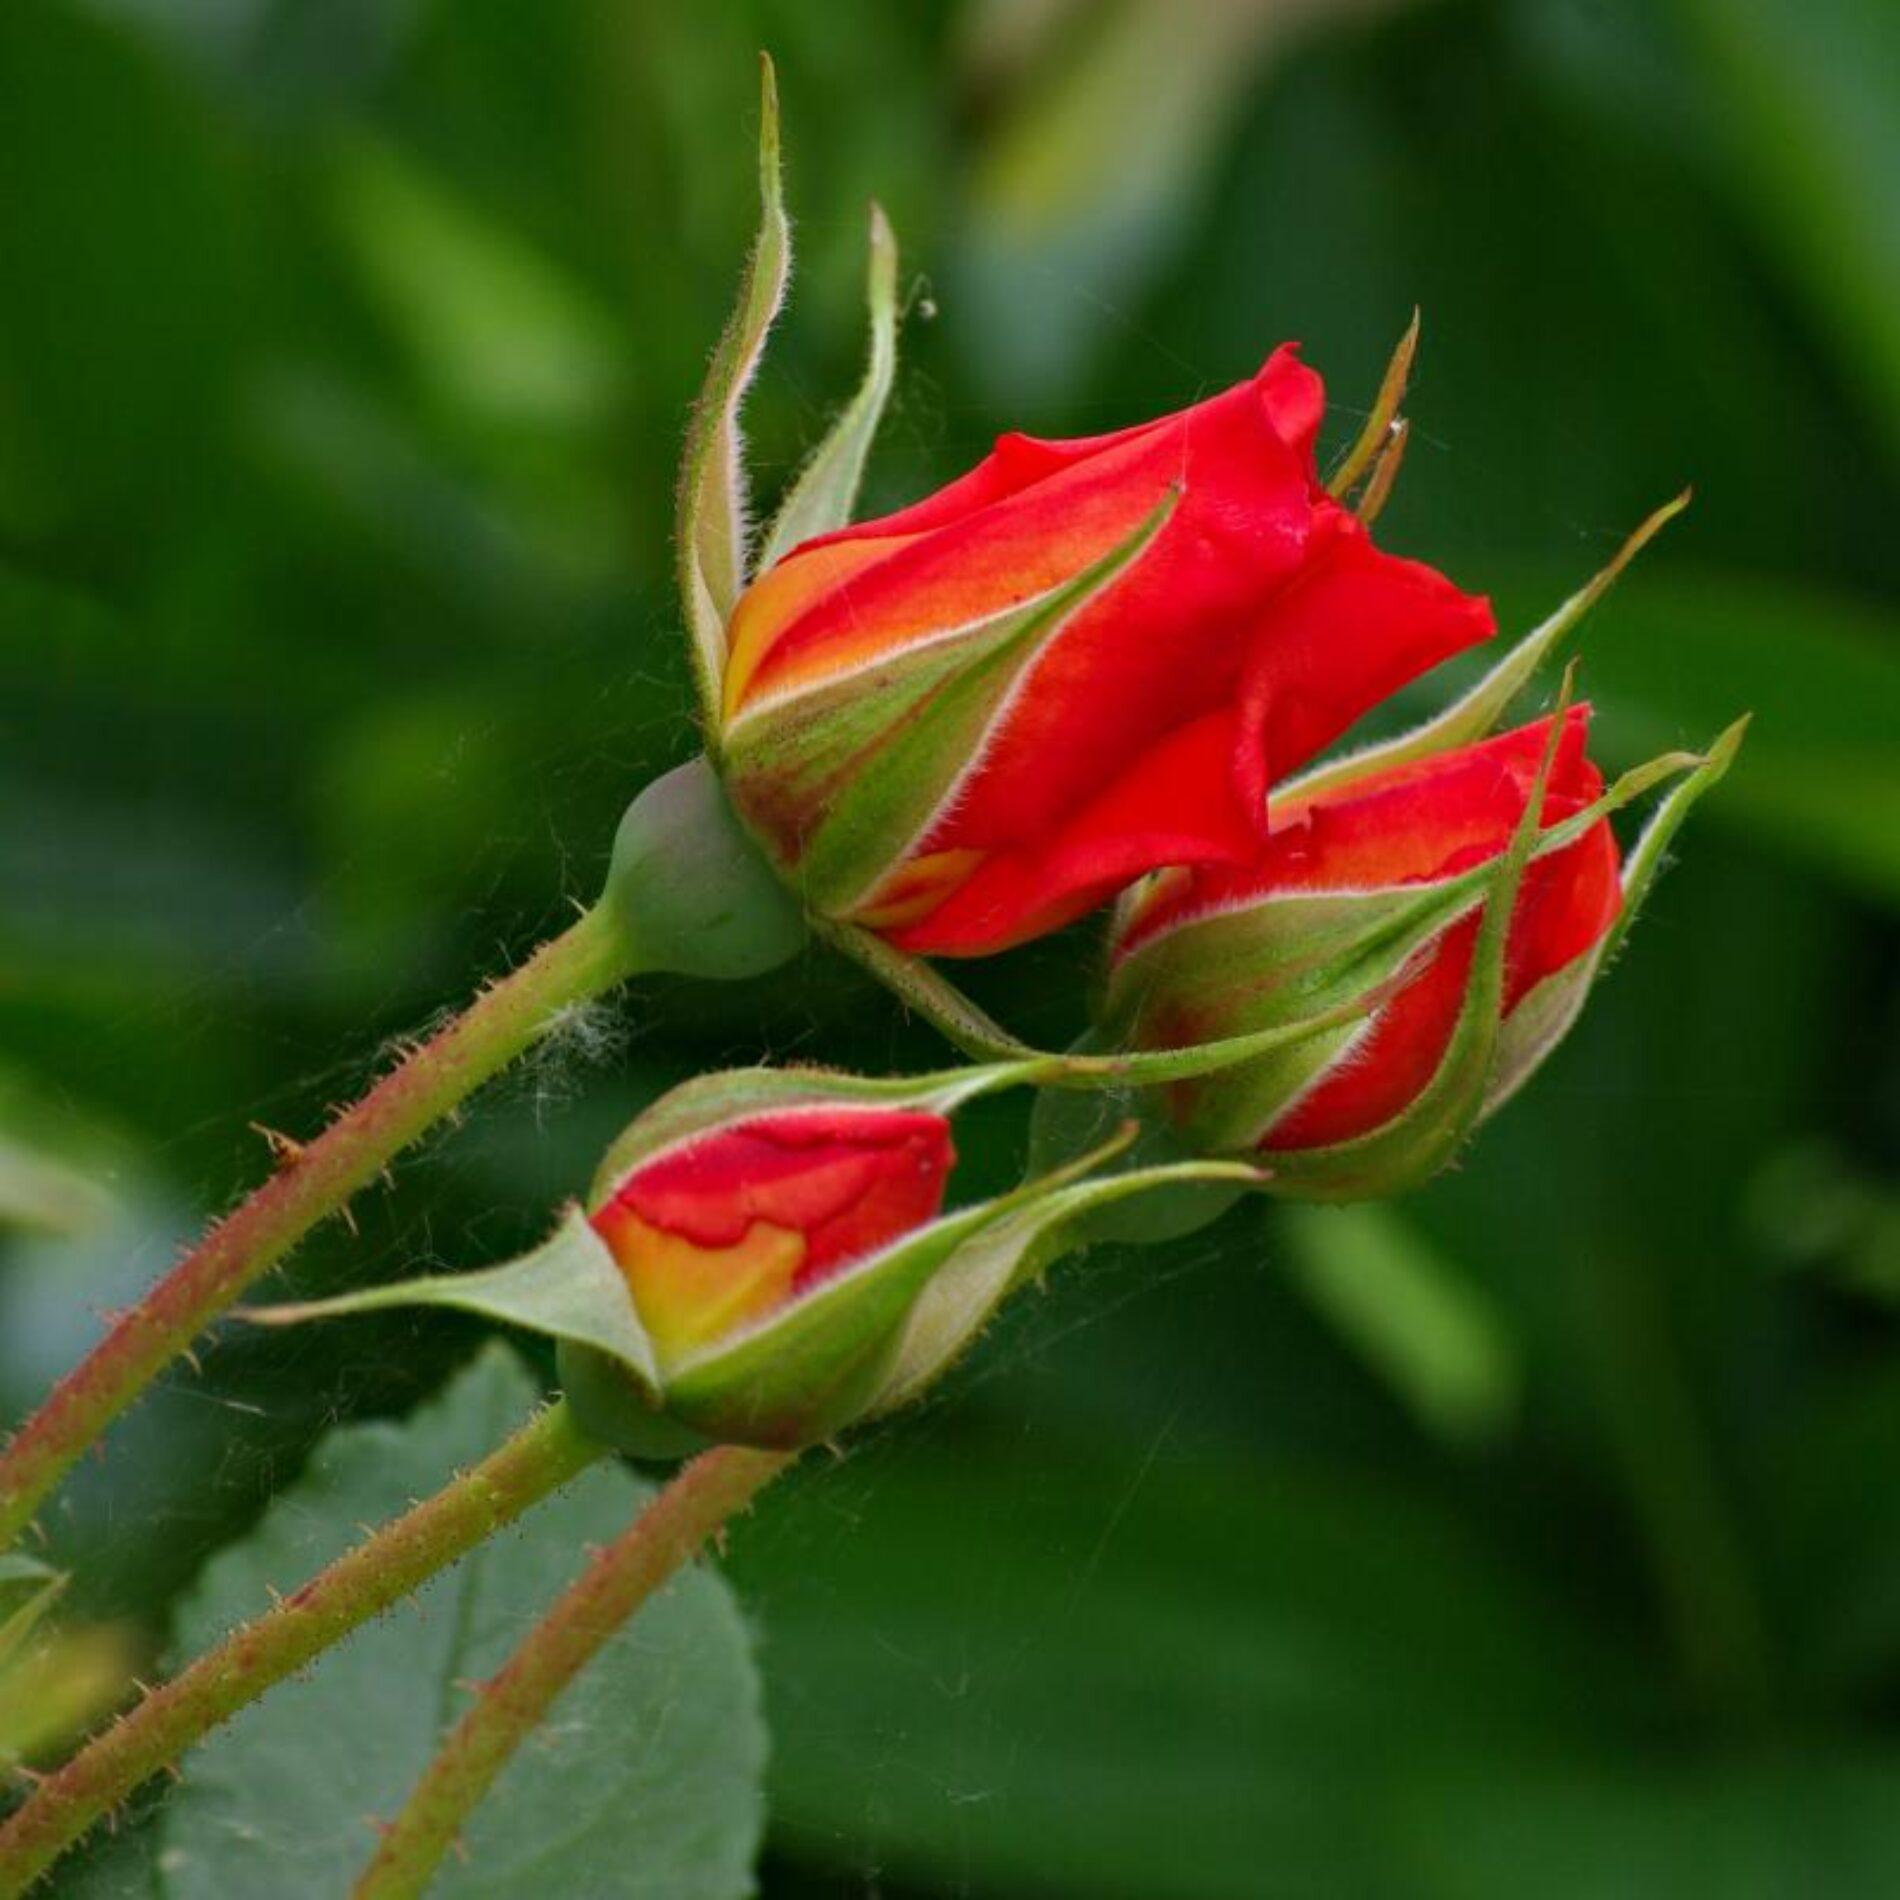 Συντήρηση Τριαντάφυλλων στο Βάζο (Video)